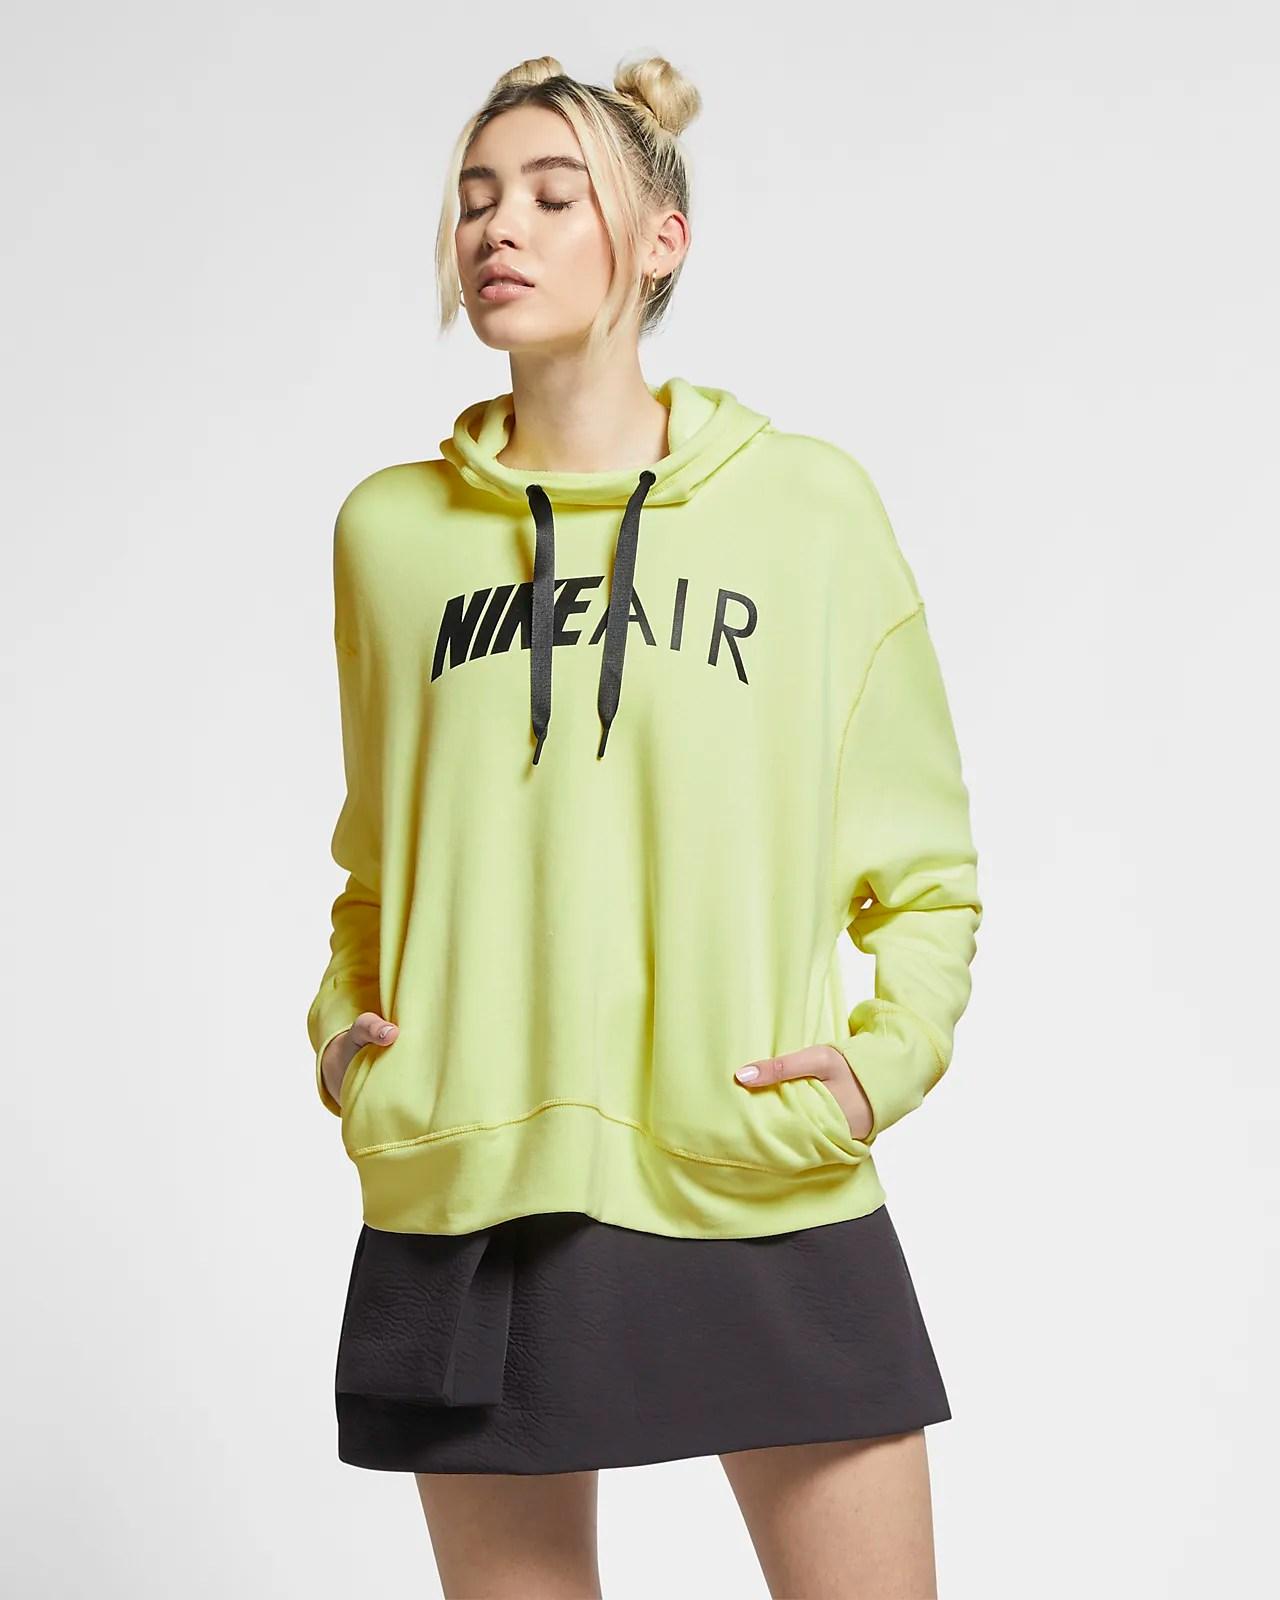 Damen Pulli Nike Nike Amazon Pulli Damen f6Yb7gyv